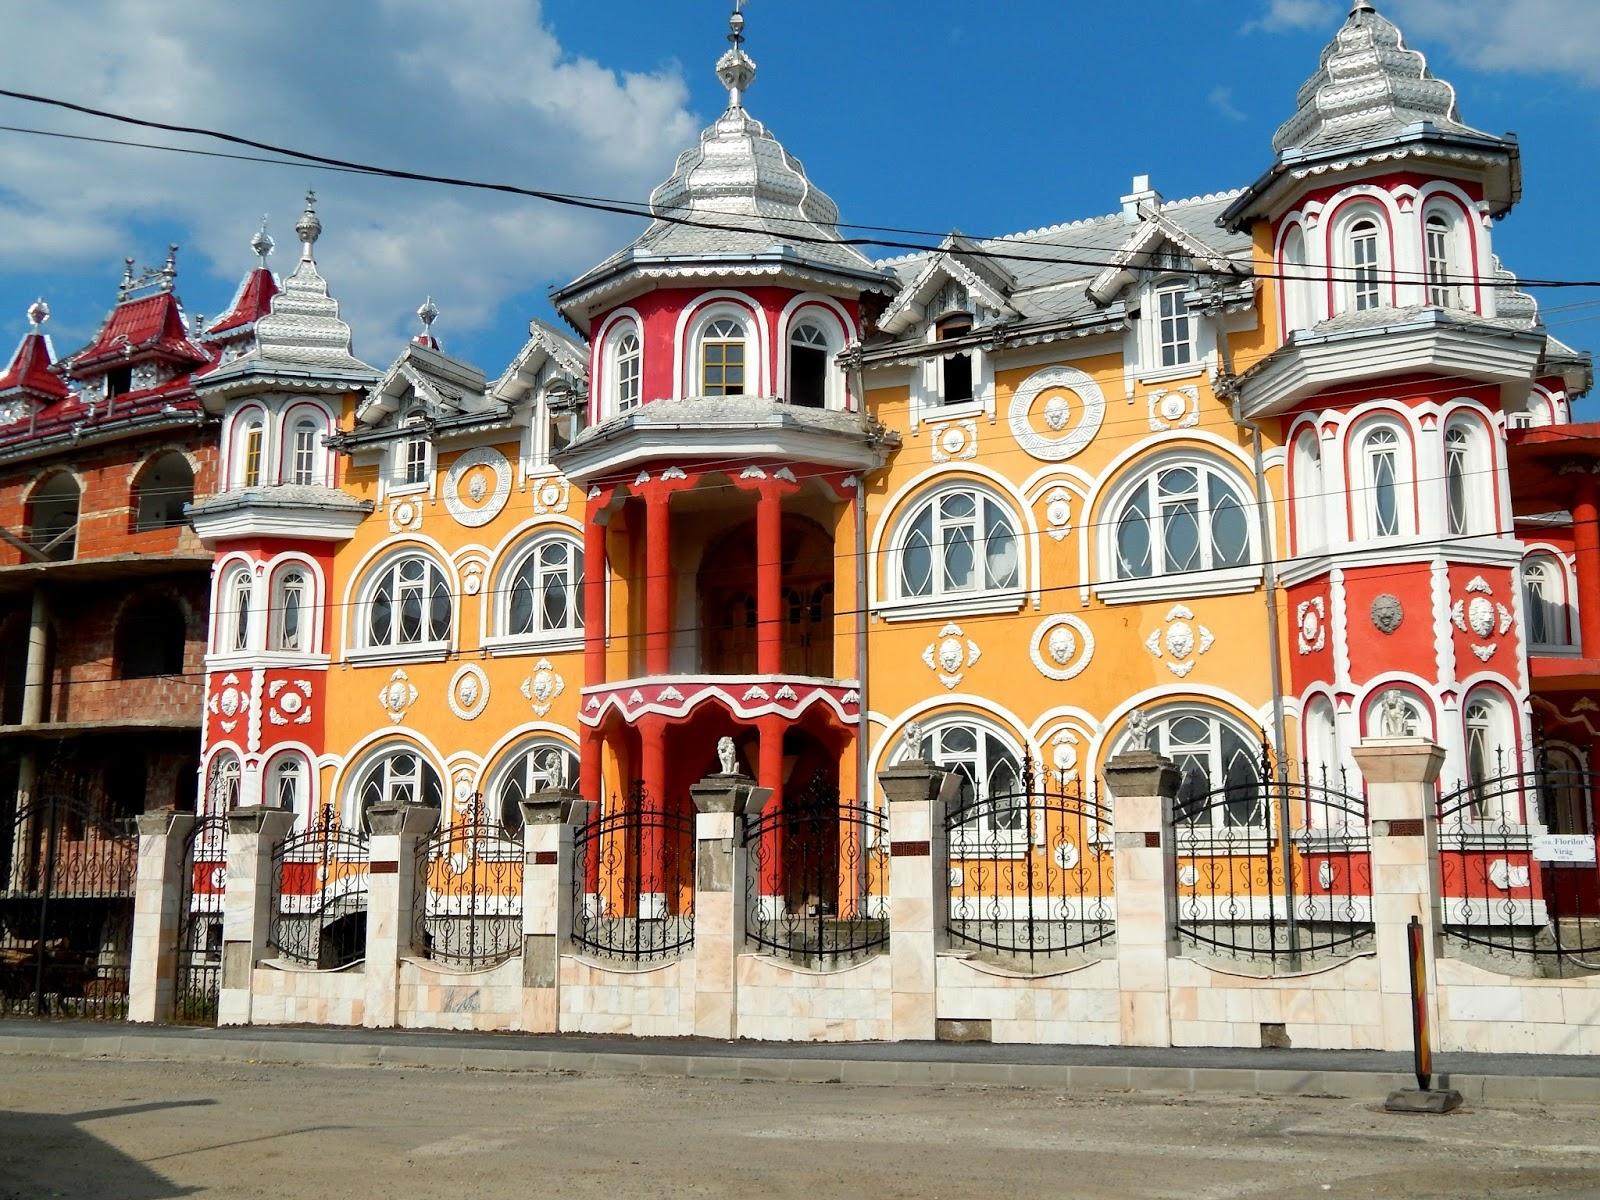 Rumunské domečky